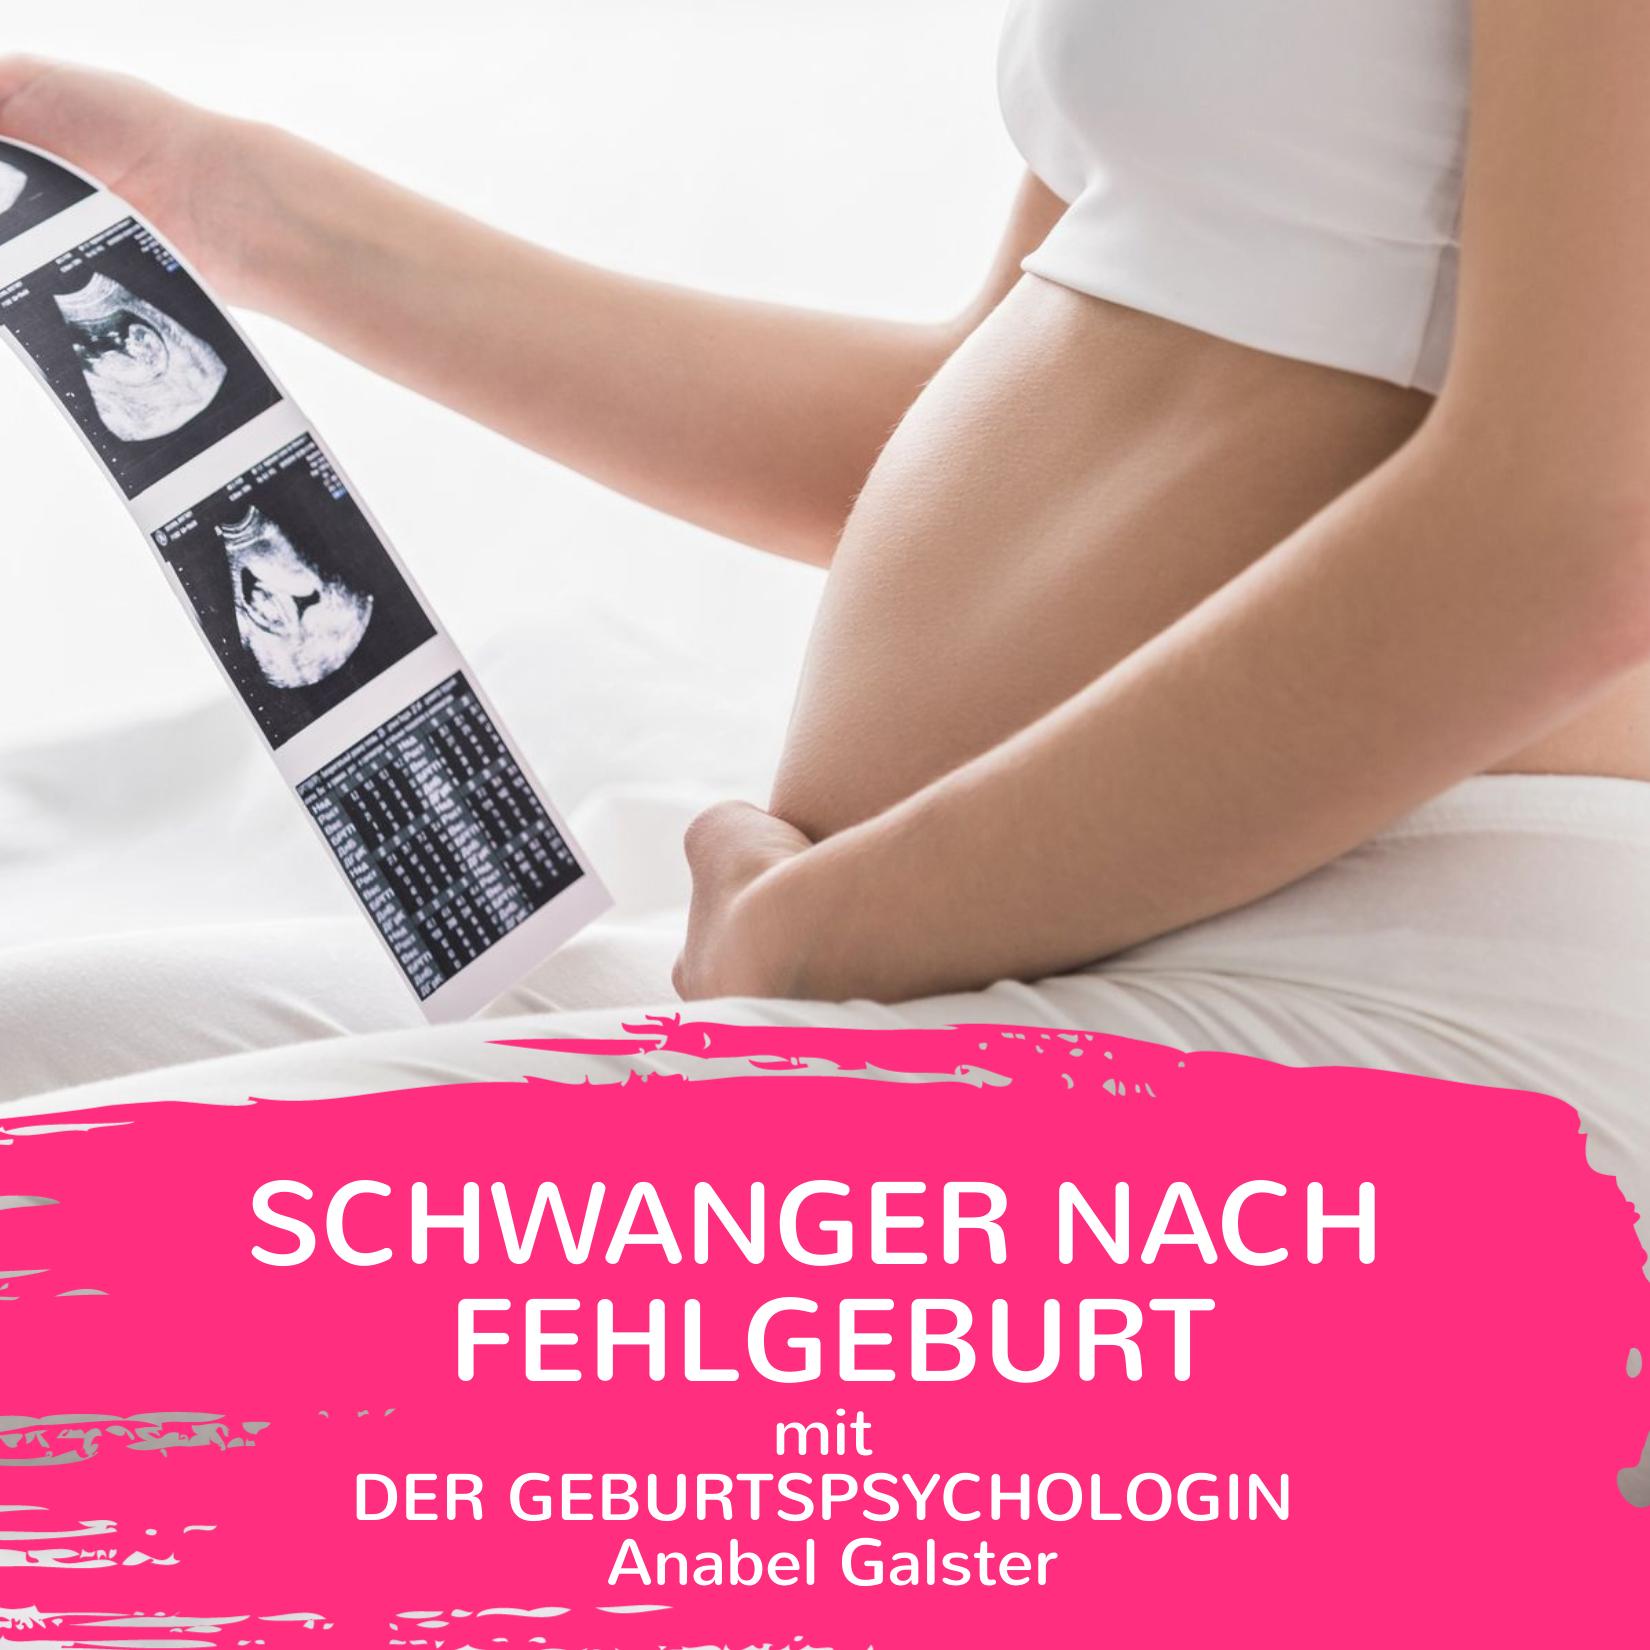 99d649b0 220d 11eb b360 8b85b32b6025 Zentrum für Geburtspsychologie